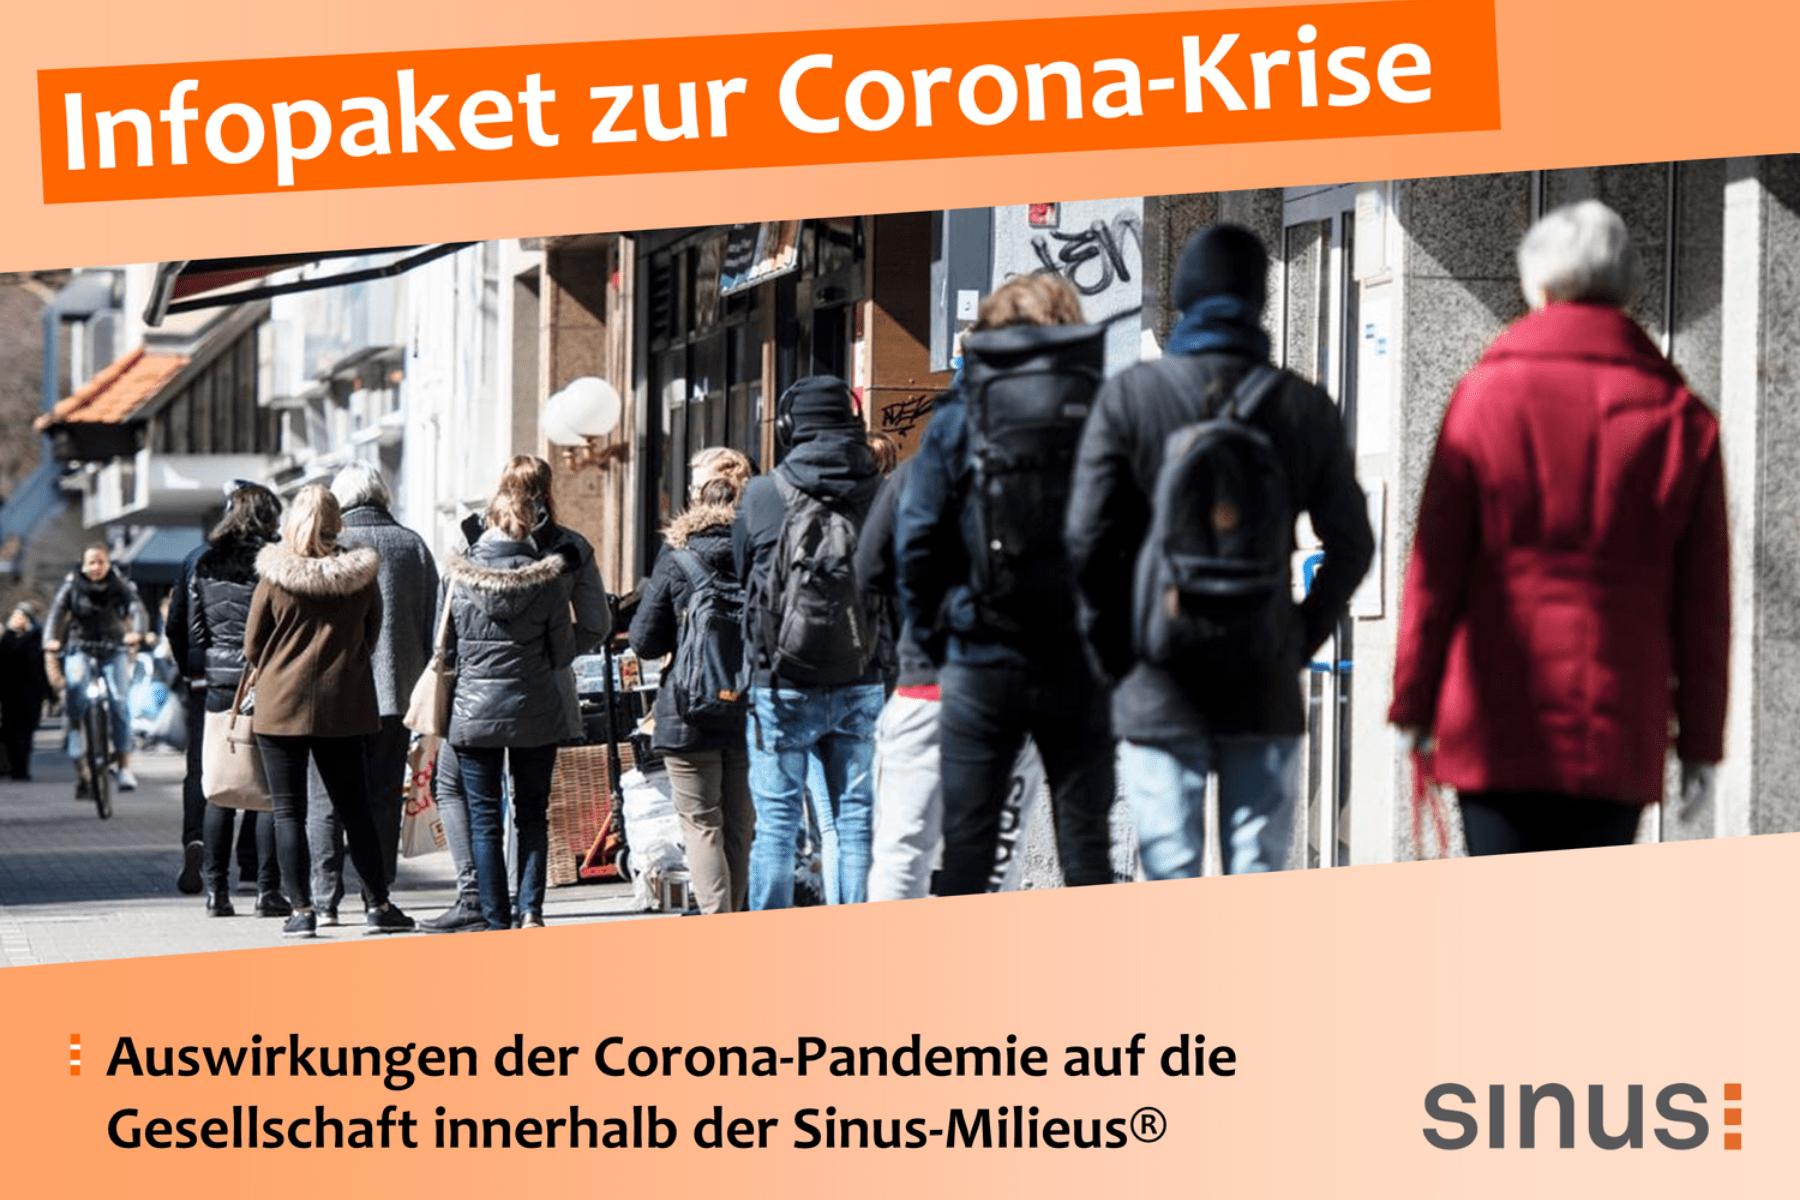 Ein Jahr Corona-Pandemie: Deutschland ist erschöpft, vertraut Politik weniger und zeigt hohe Impfbereitschaft